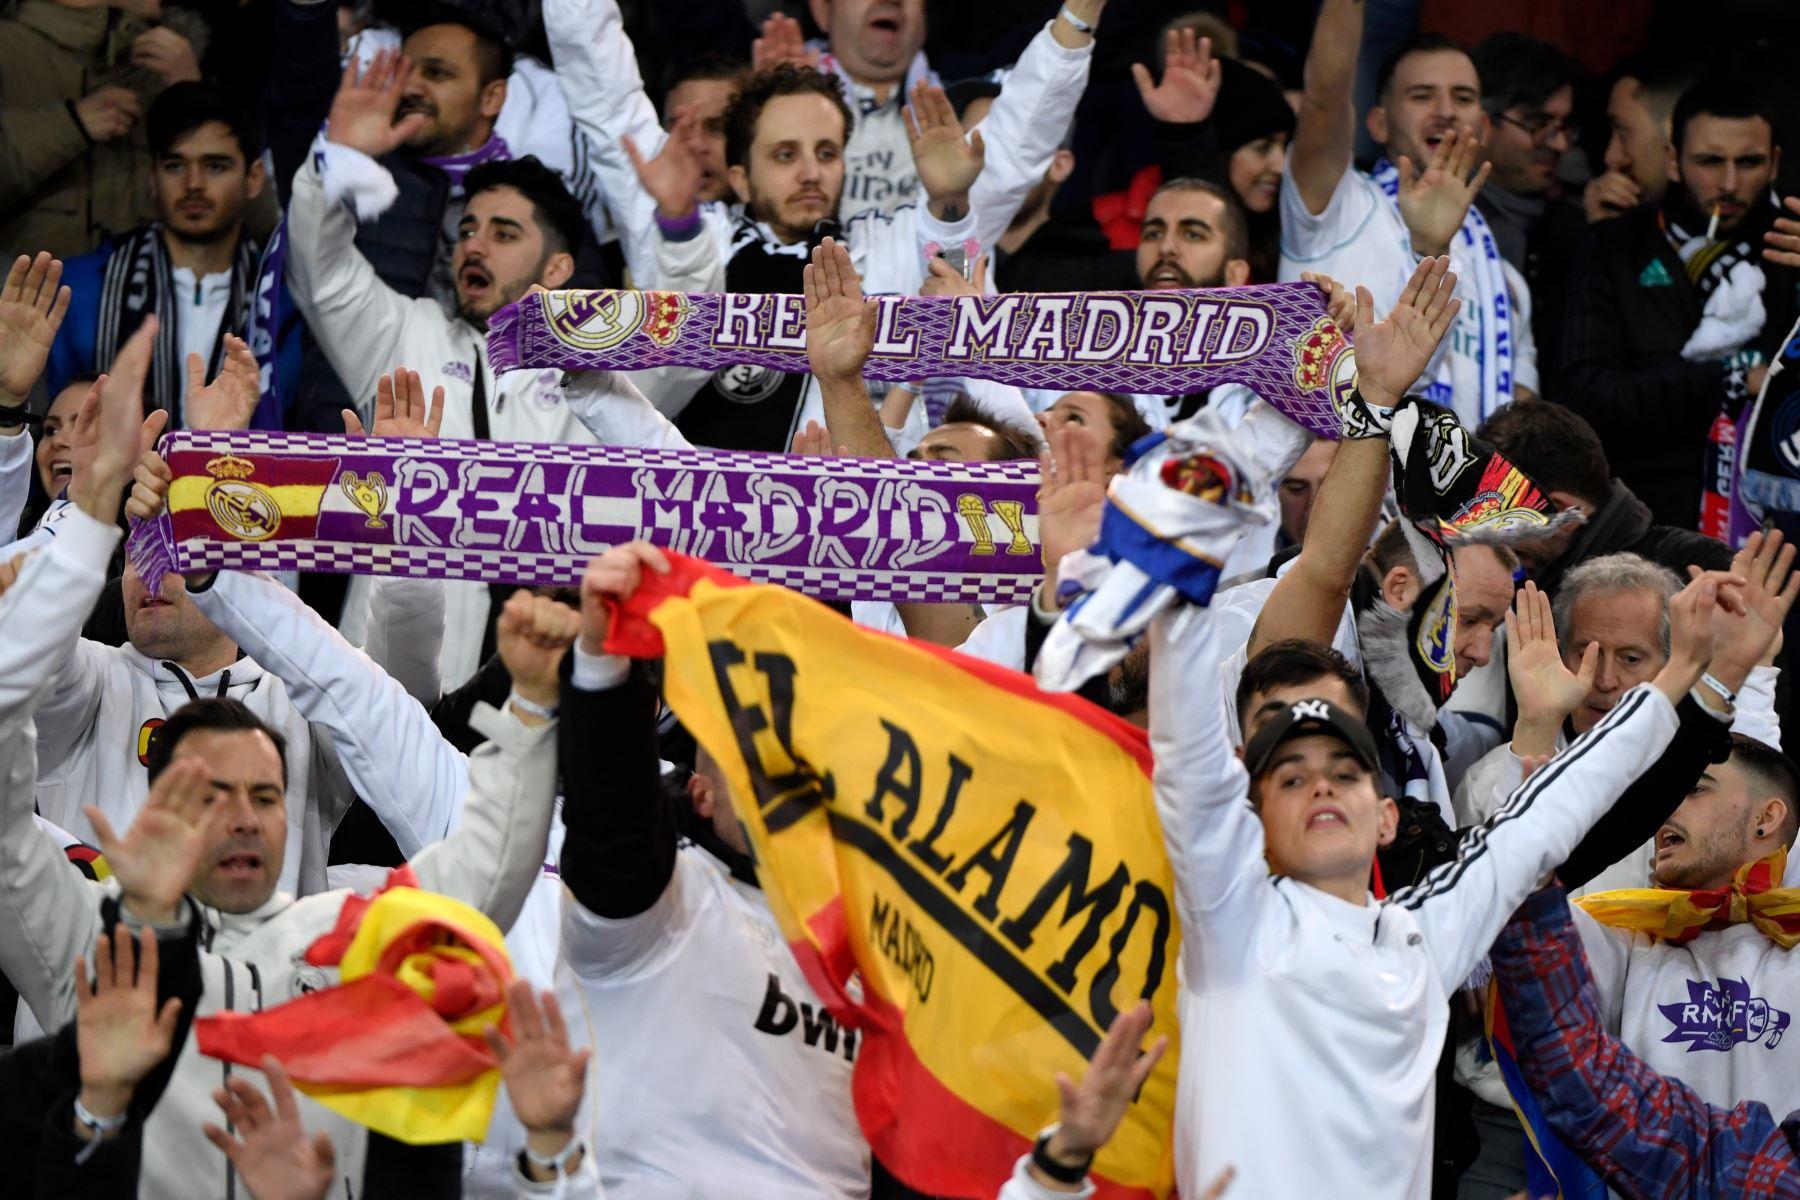 Seguidores del Real Madrid antes del partido de fútbol de la ronda de octavos de final de la UEFA. Foto: AFP